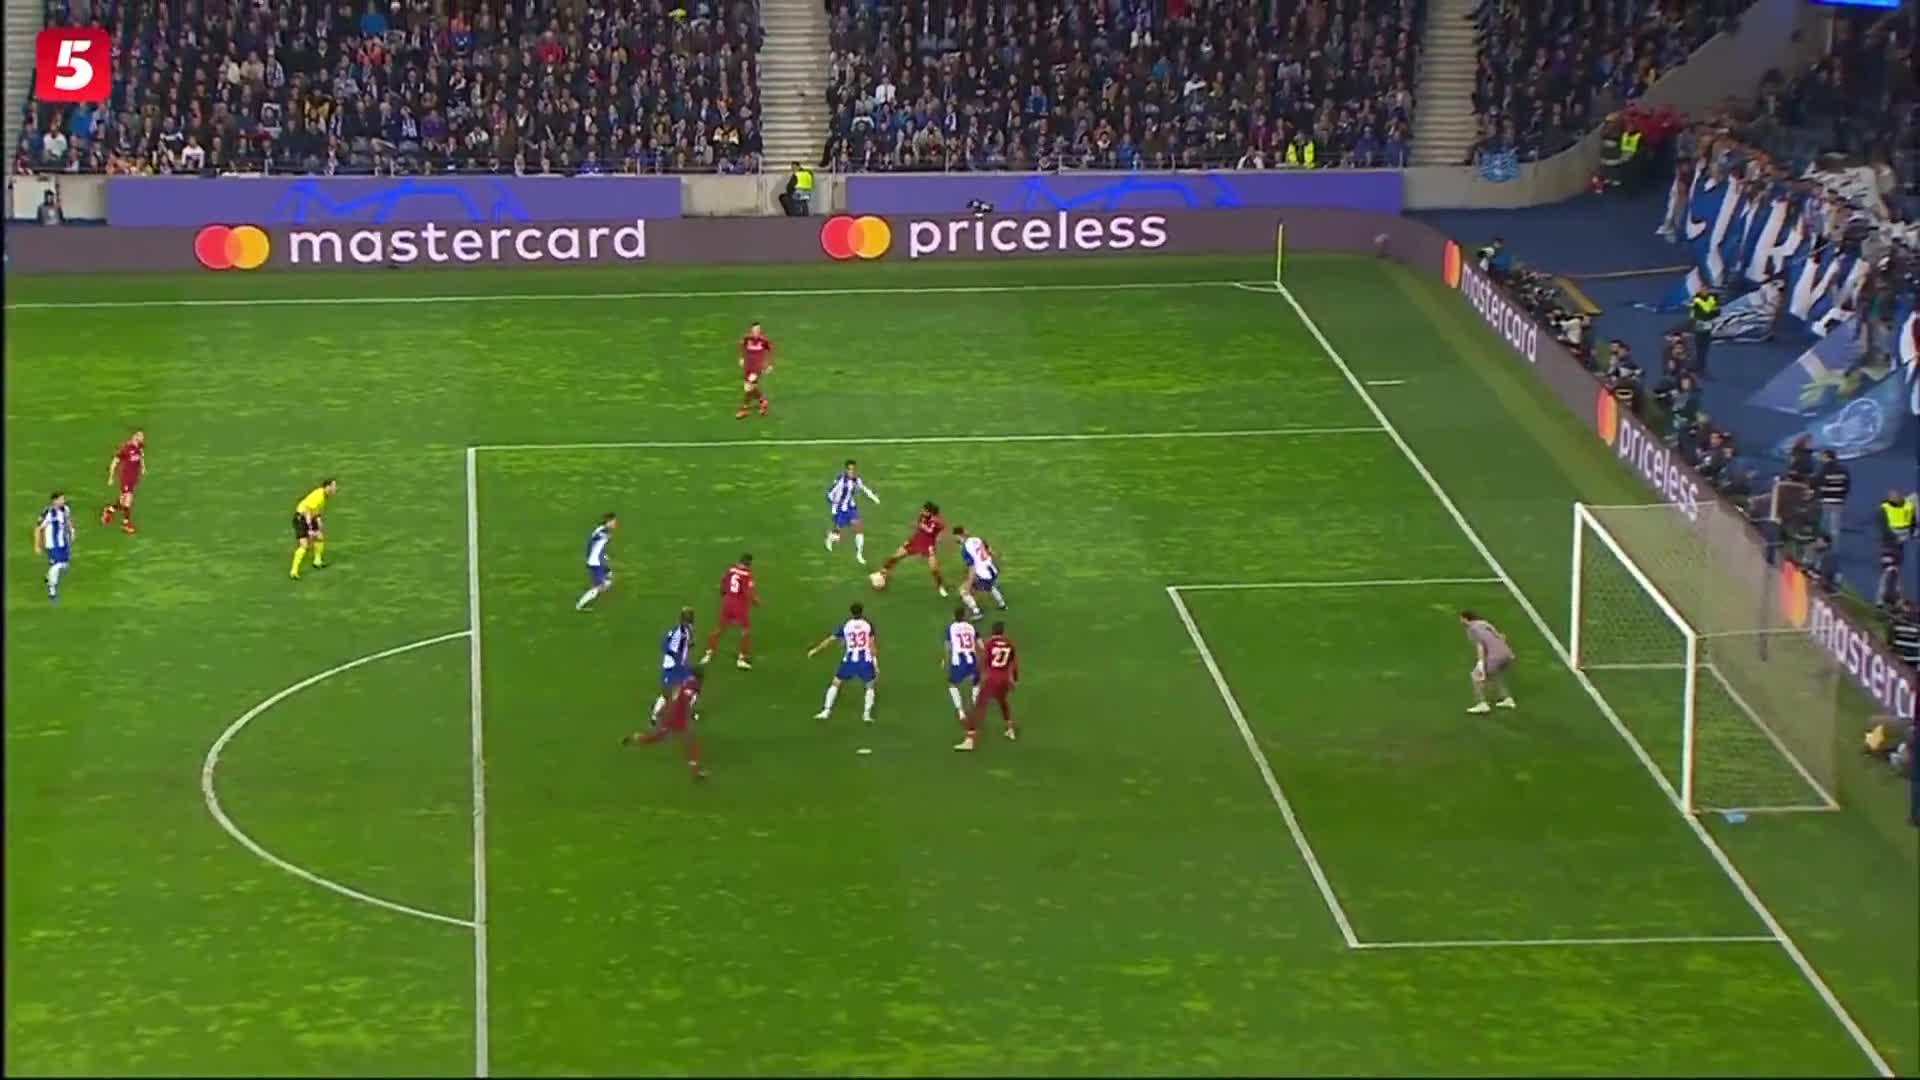 [视频]欧冠:利物浦总分6-1晋级4强 萨拉赫马内传射建功